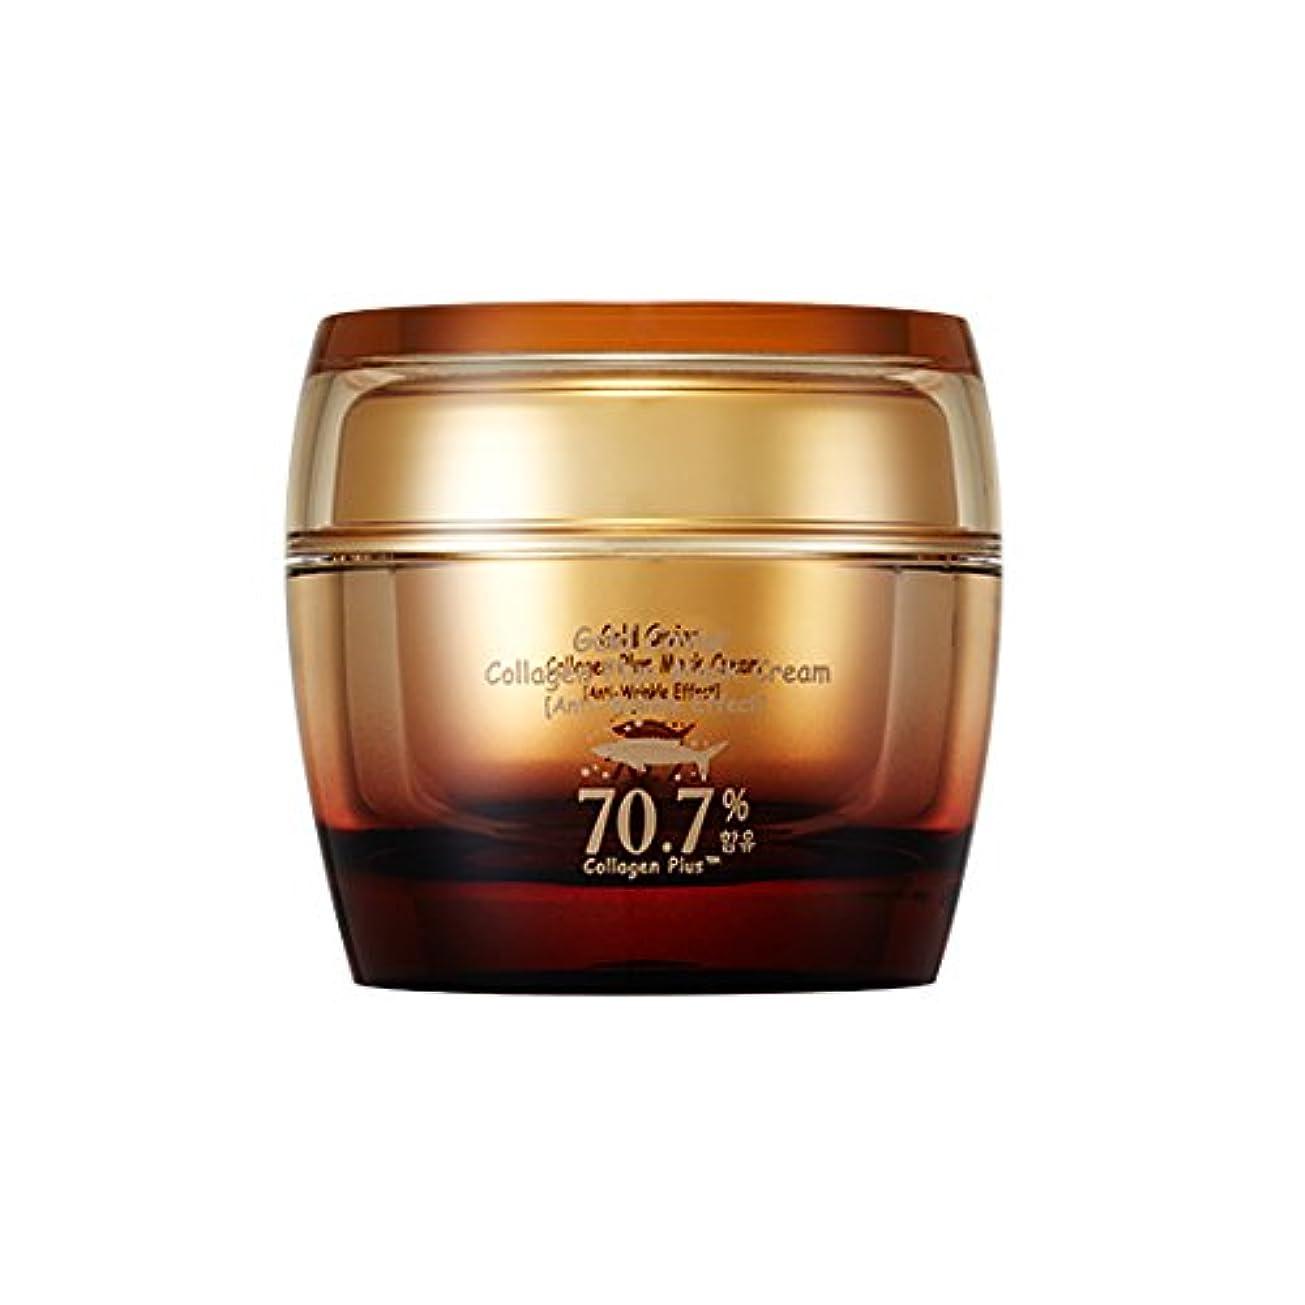 モック着実にパターンSkinfood ゴールドキャビアコラーゲンプラスクリーム(しわ防止効果) / Gold Caviar Collagen Plus Cream (Anti-Wrinkle Effect) 50g [並行輸入品]